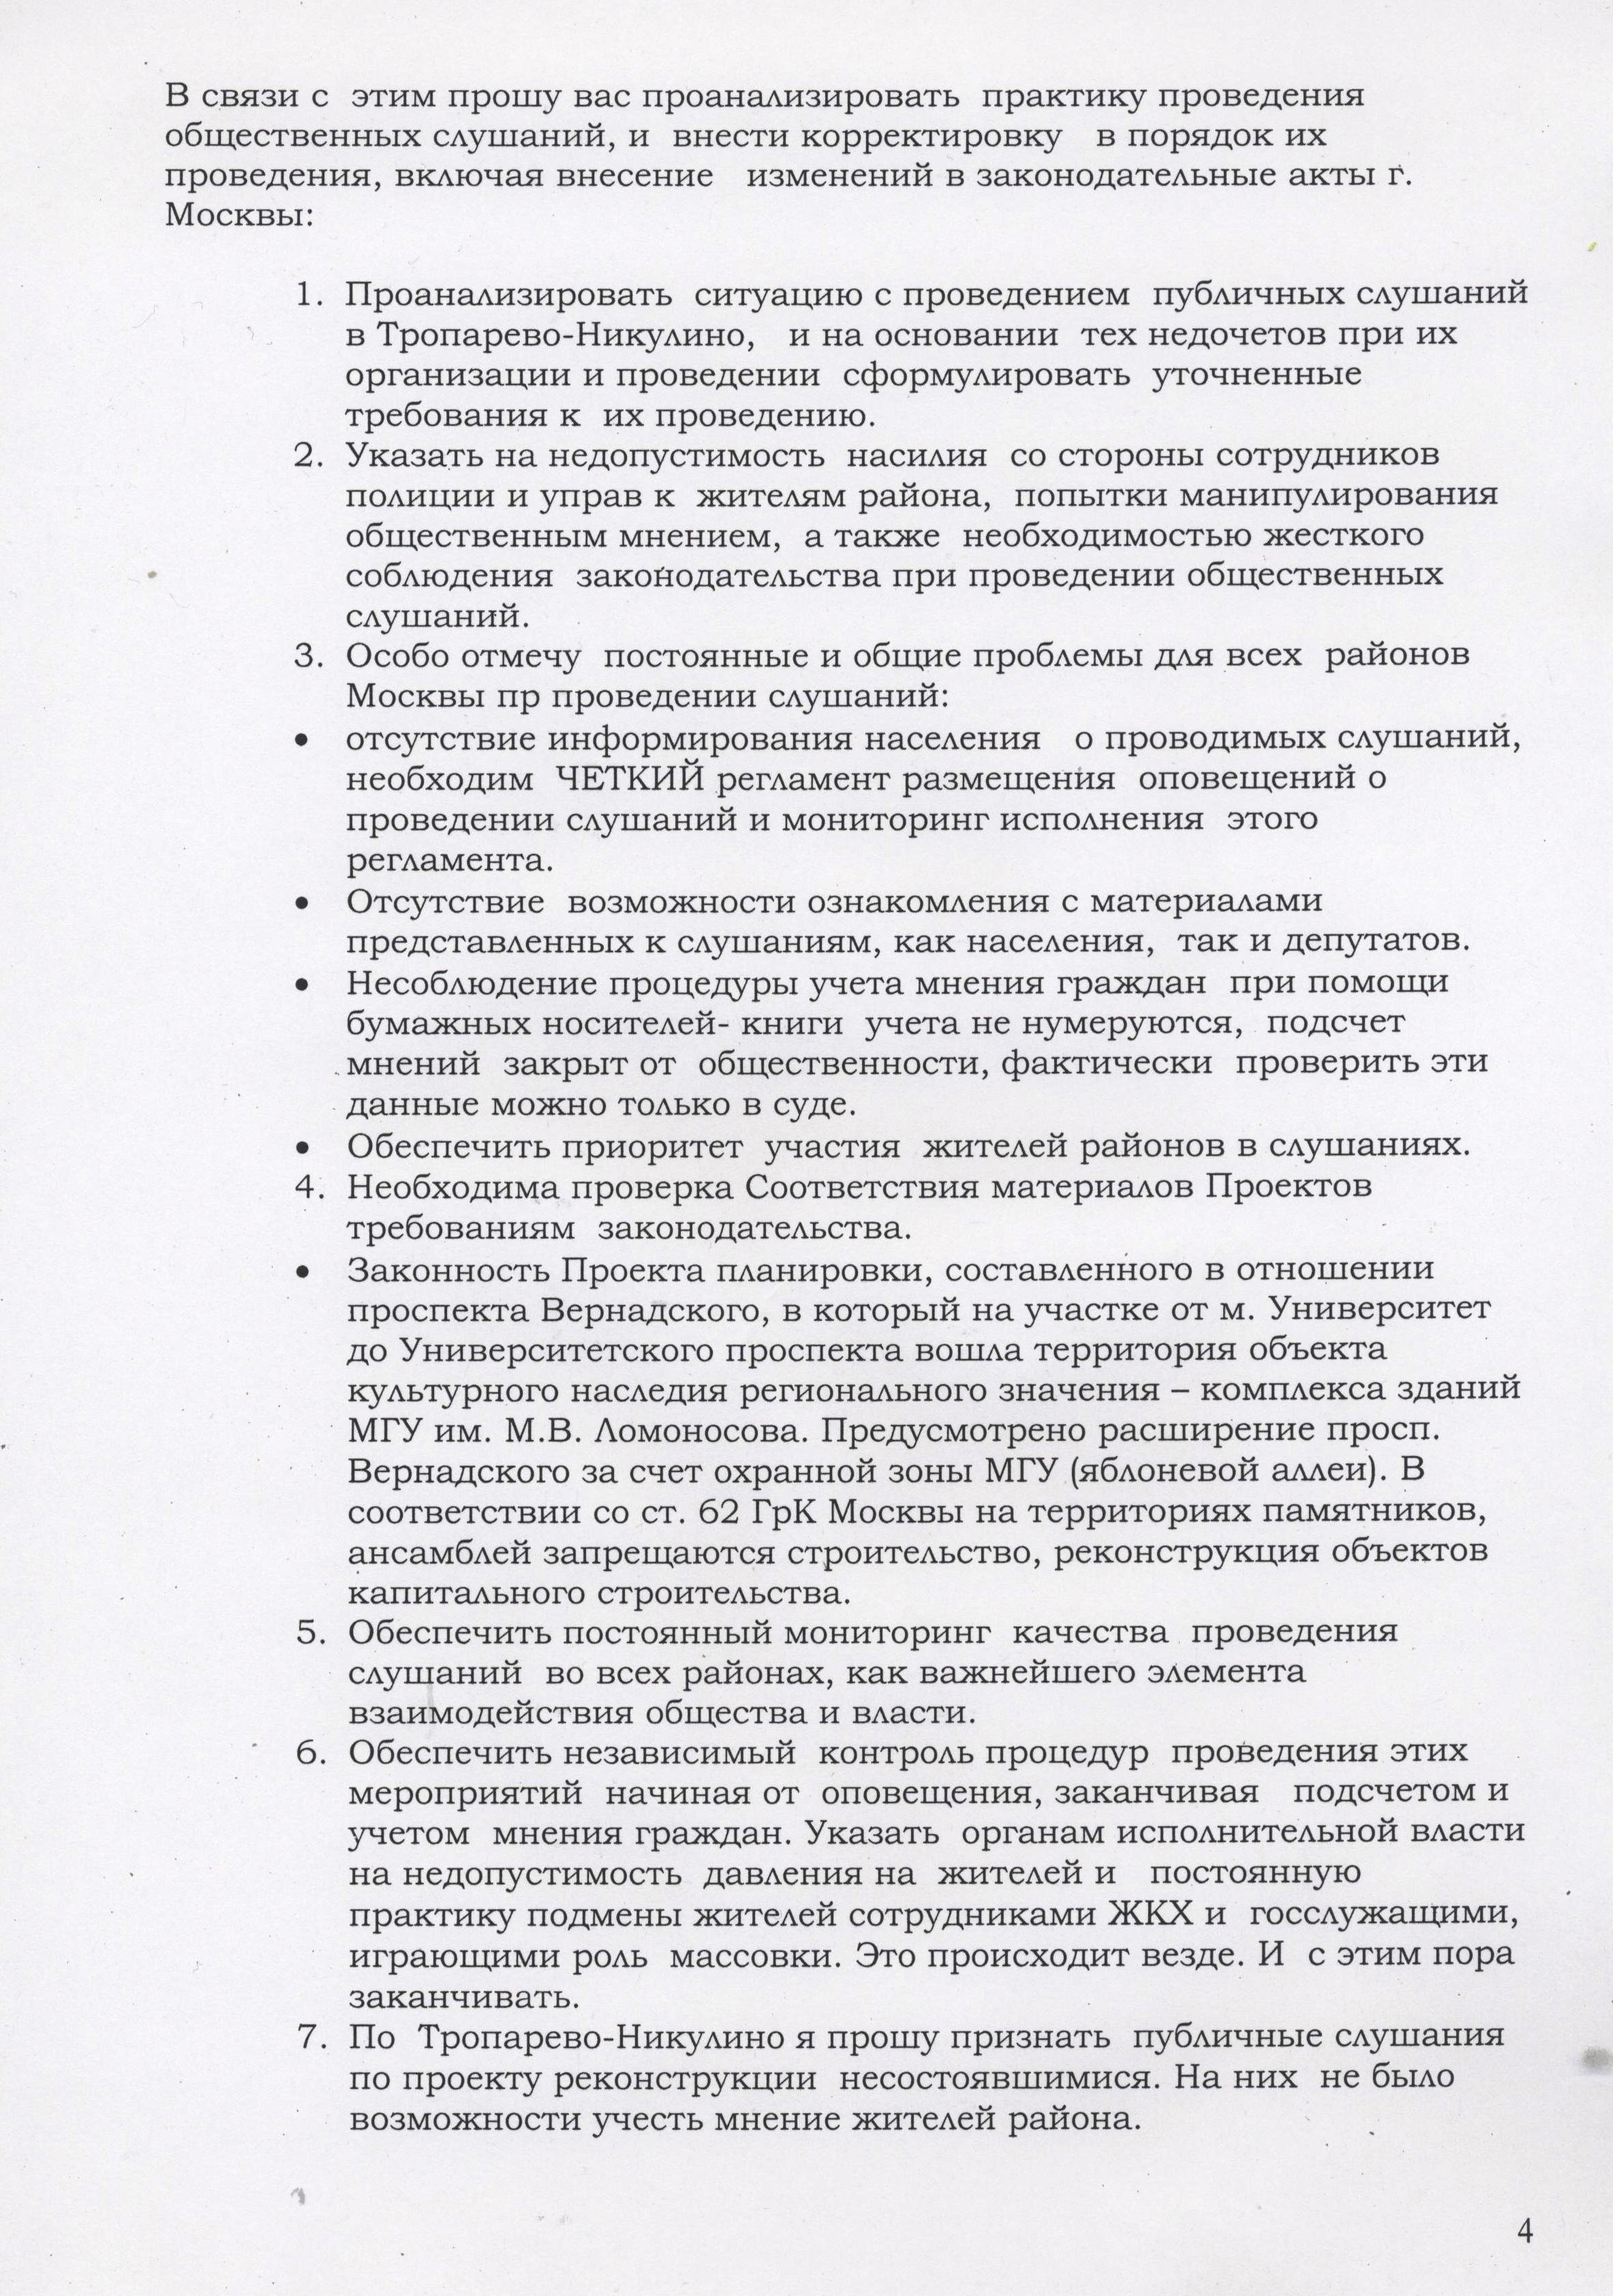 обращение к собянину 04.04.13 007